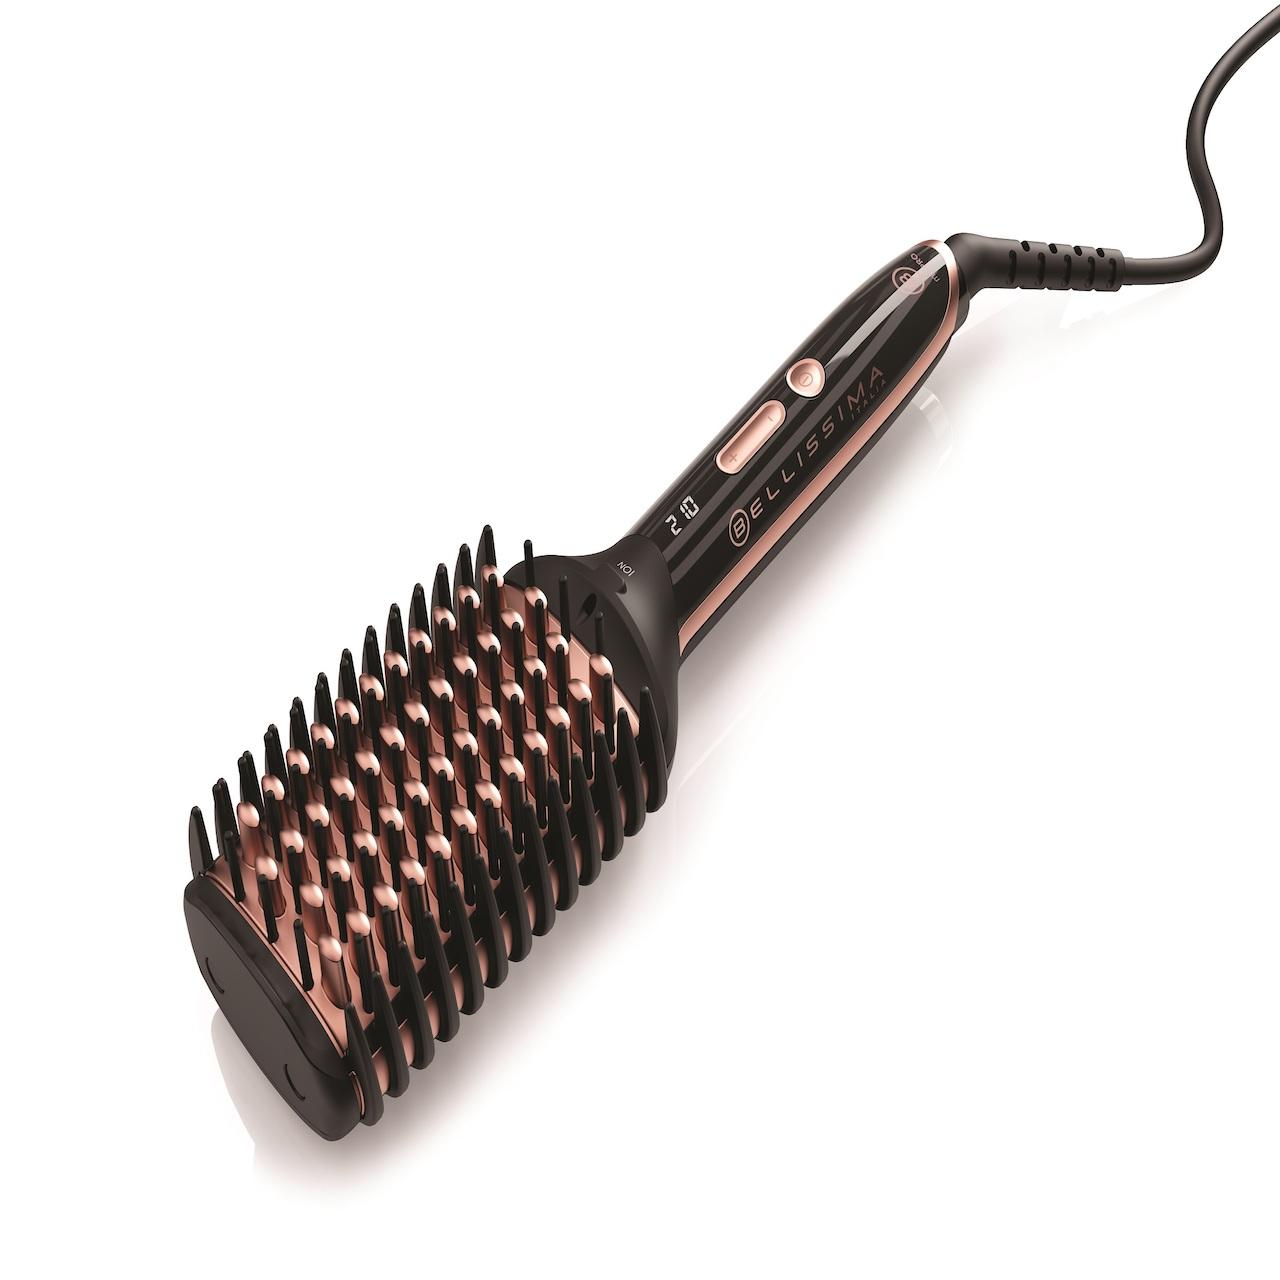 My Pro Magic Straight Brush